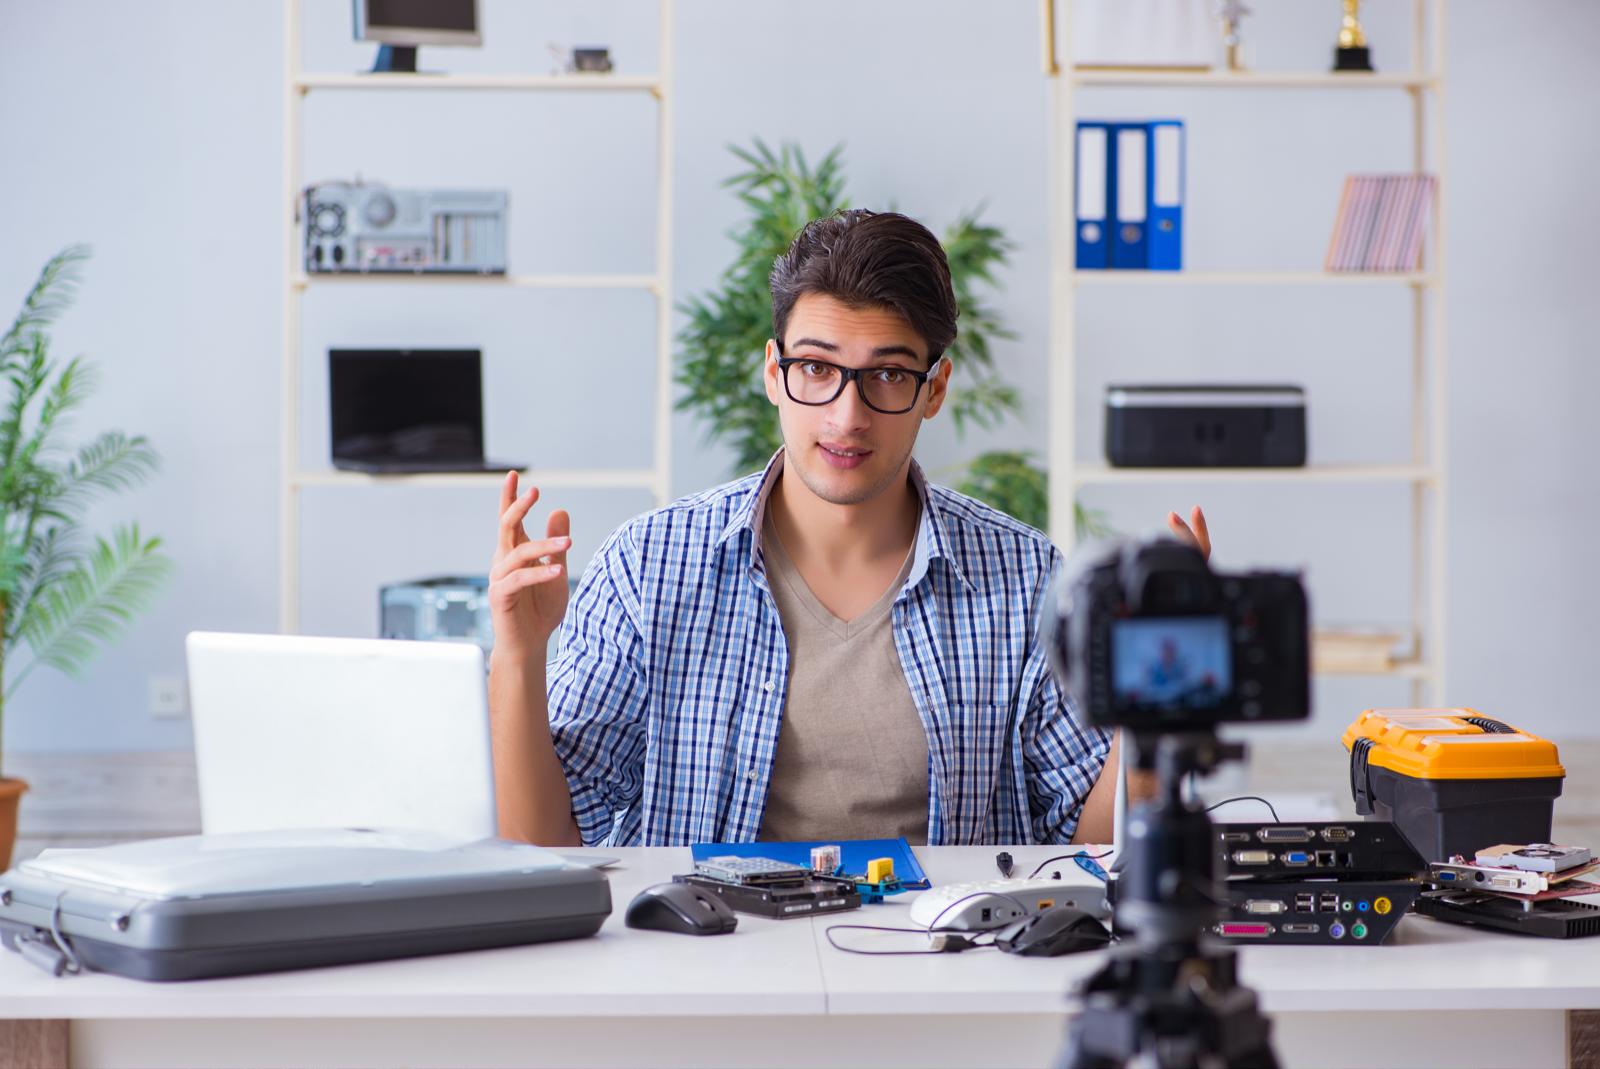 身振り手振りを交えながら動画撮影する男性